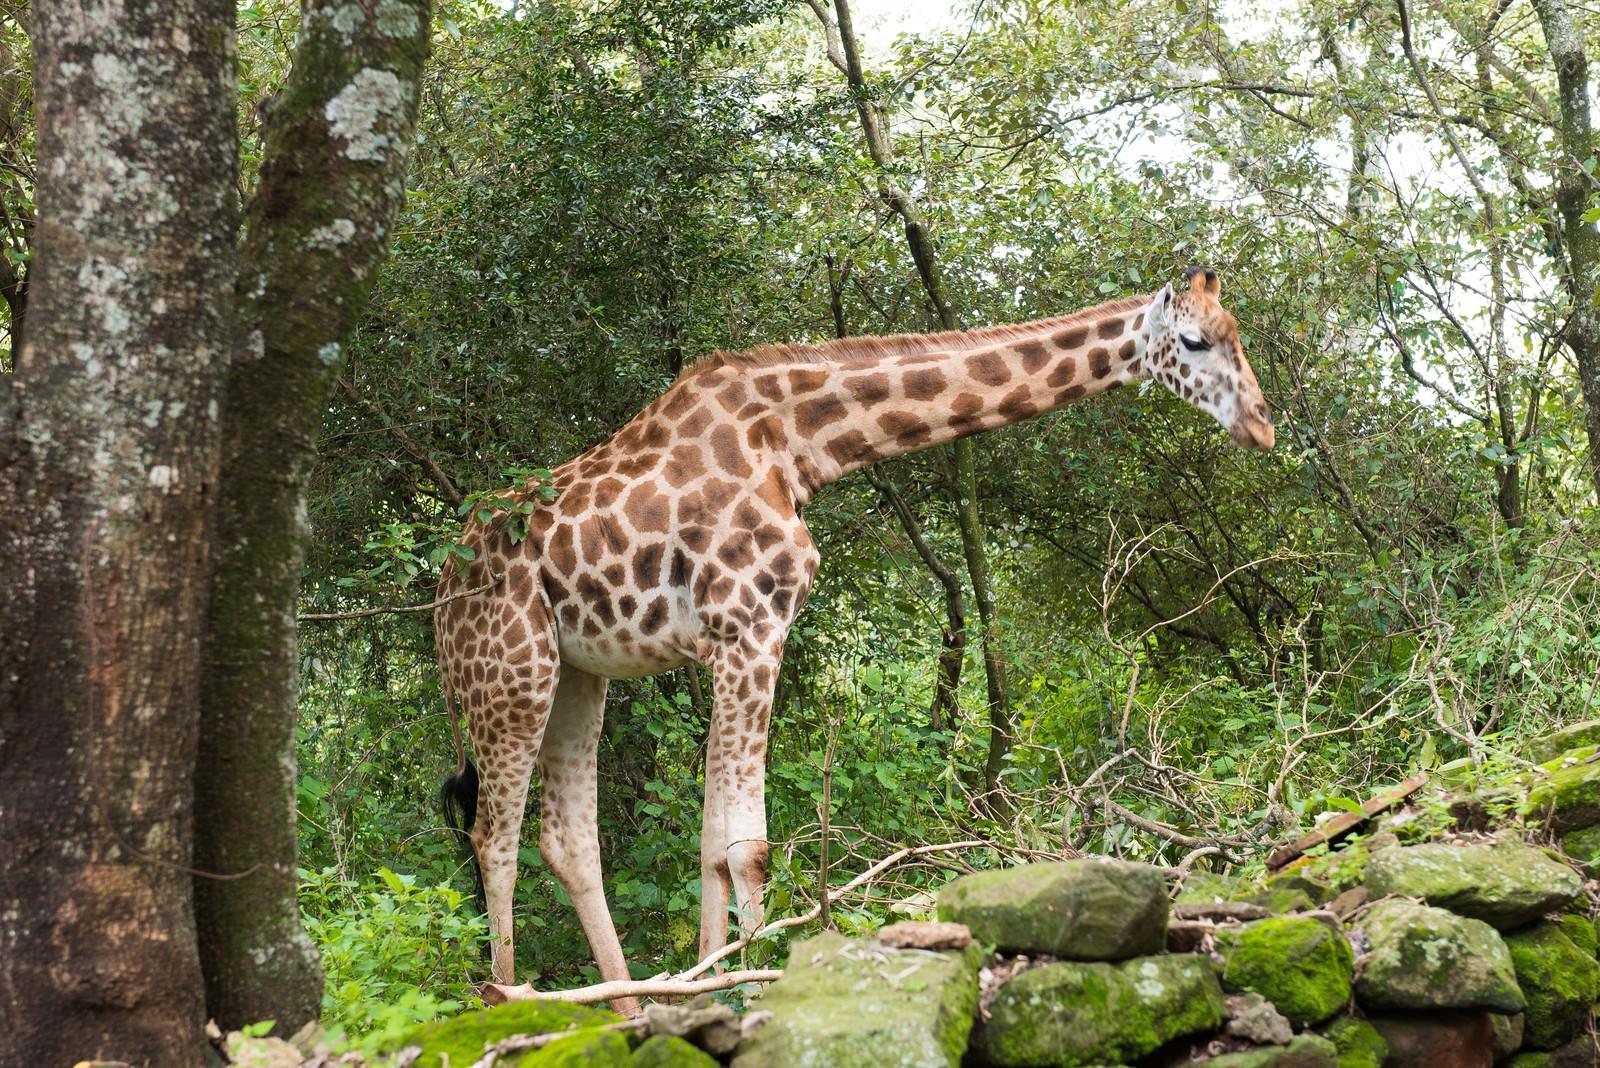 ジャングルに現れたキリンの写真を無料でダウンロード